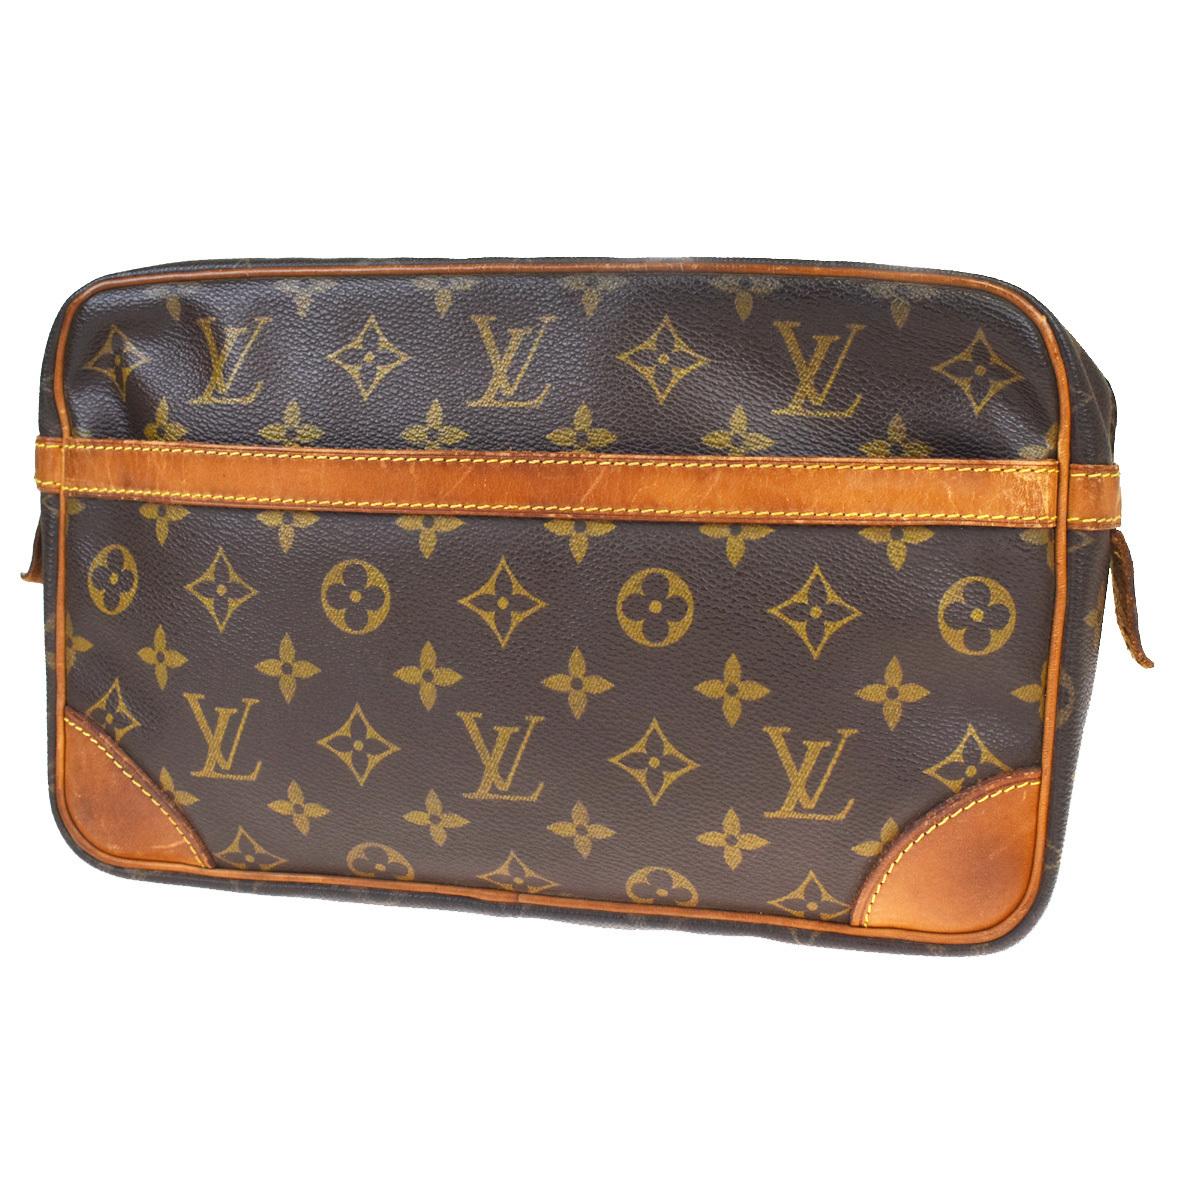 【中古】 ルイ・ヴィトン(Louis Vuitton) モノグラム コンピエーニュ 28 M51845 クラッチバッグ ブラウン 05FB538